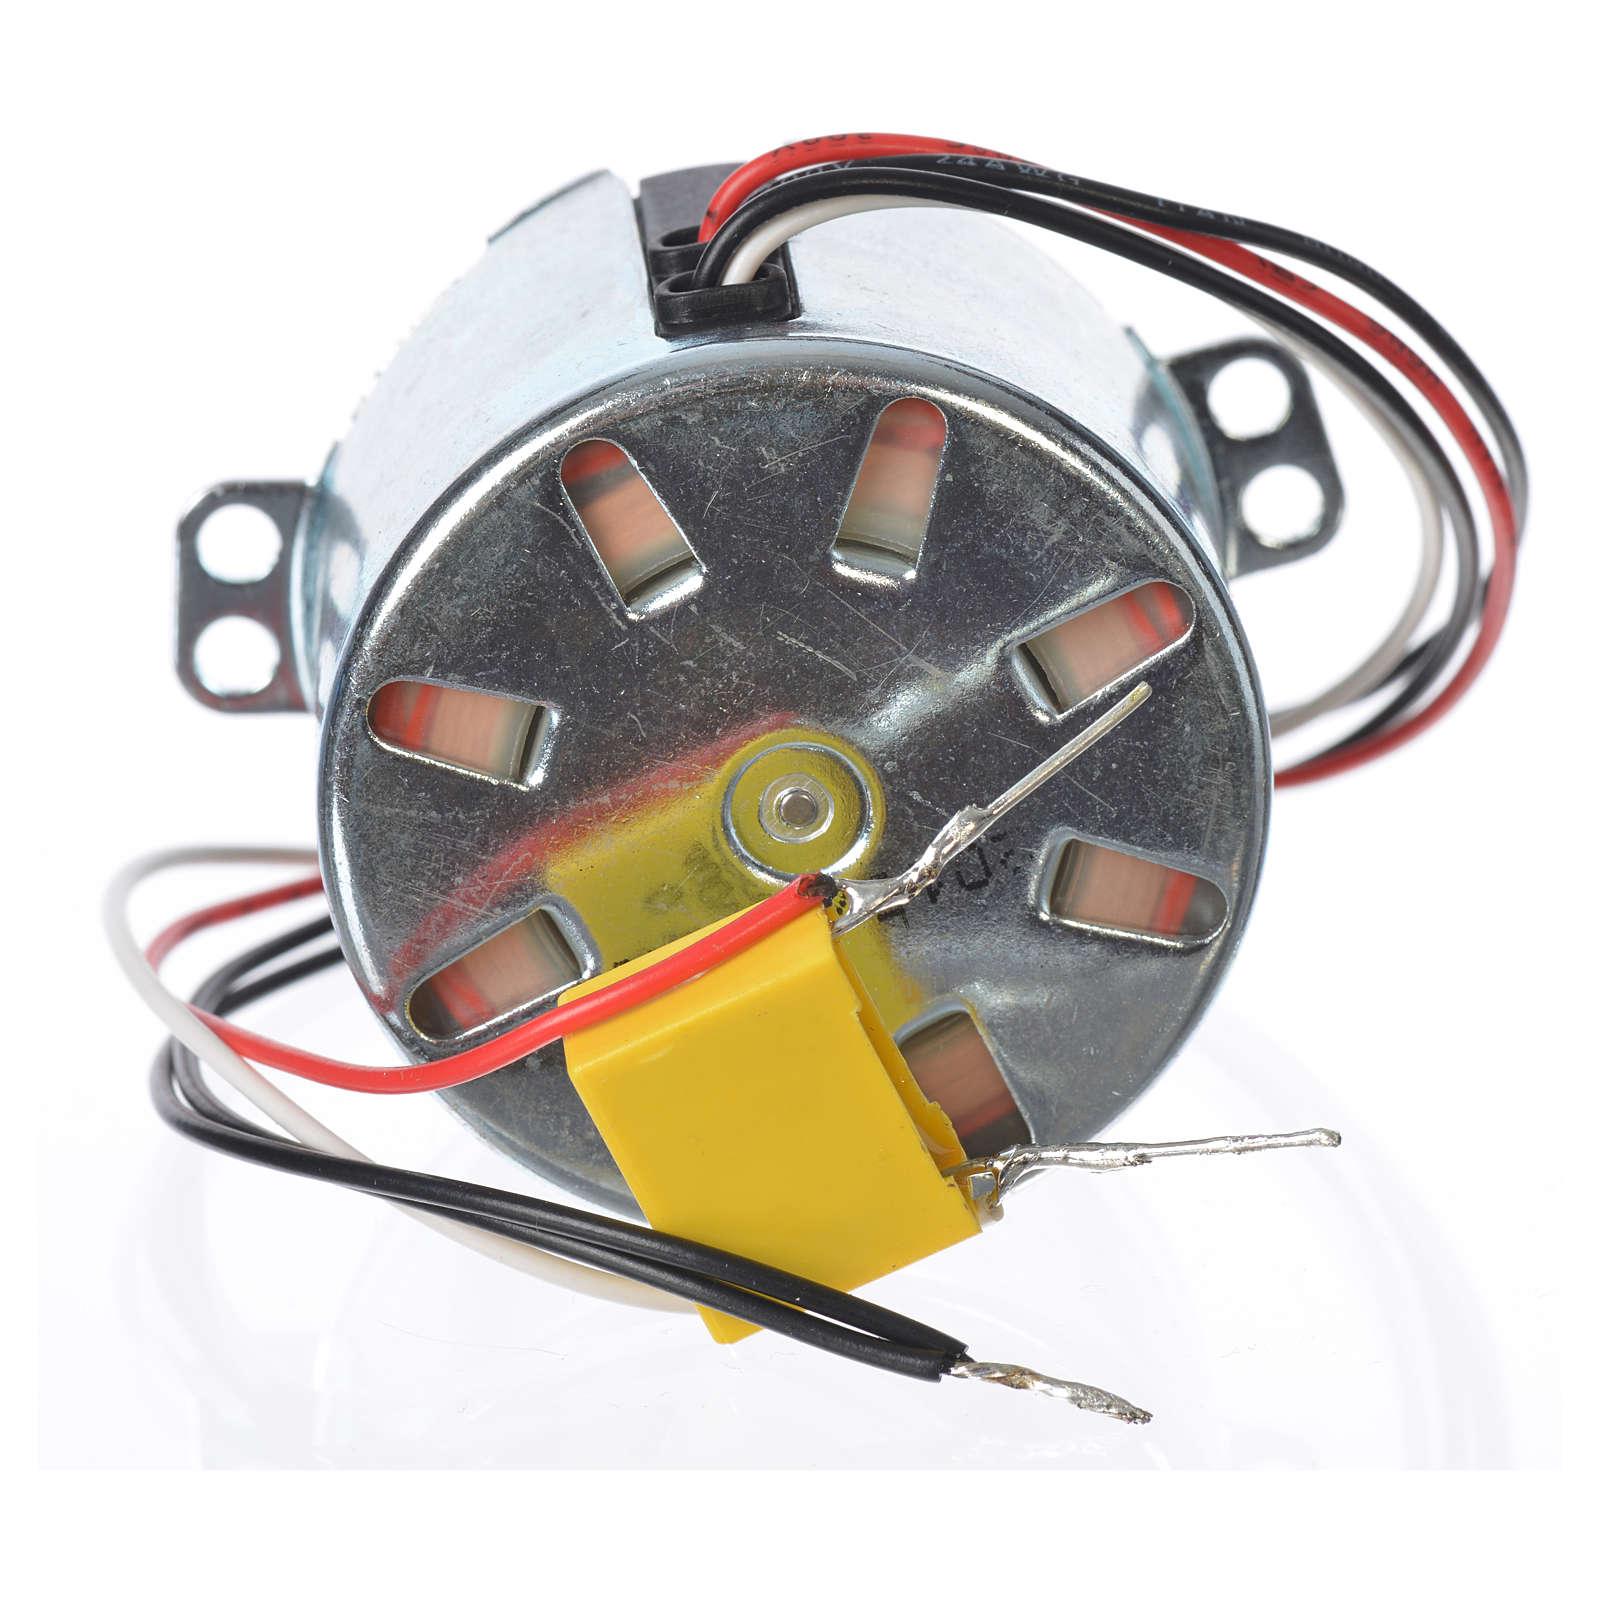 Motoriduttore MV 10 giri/min presepe 4